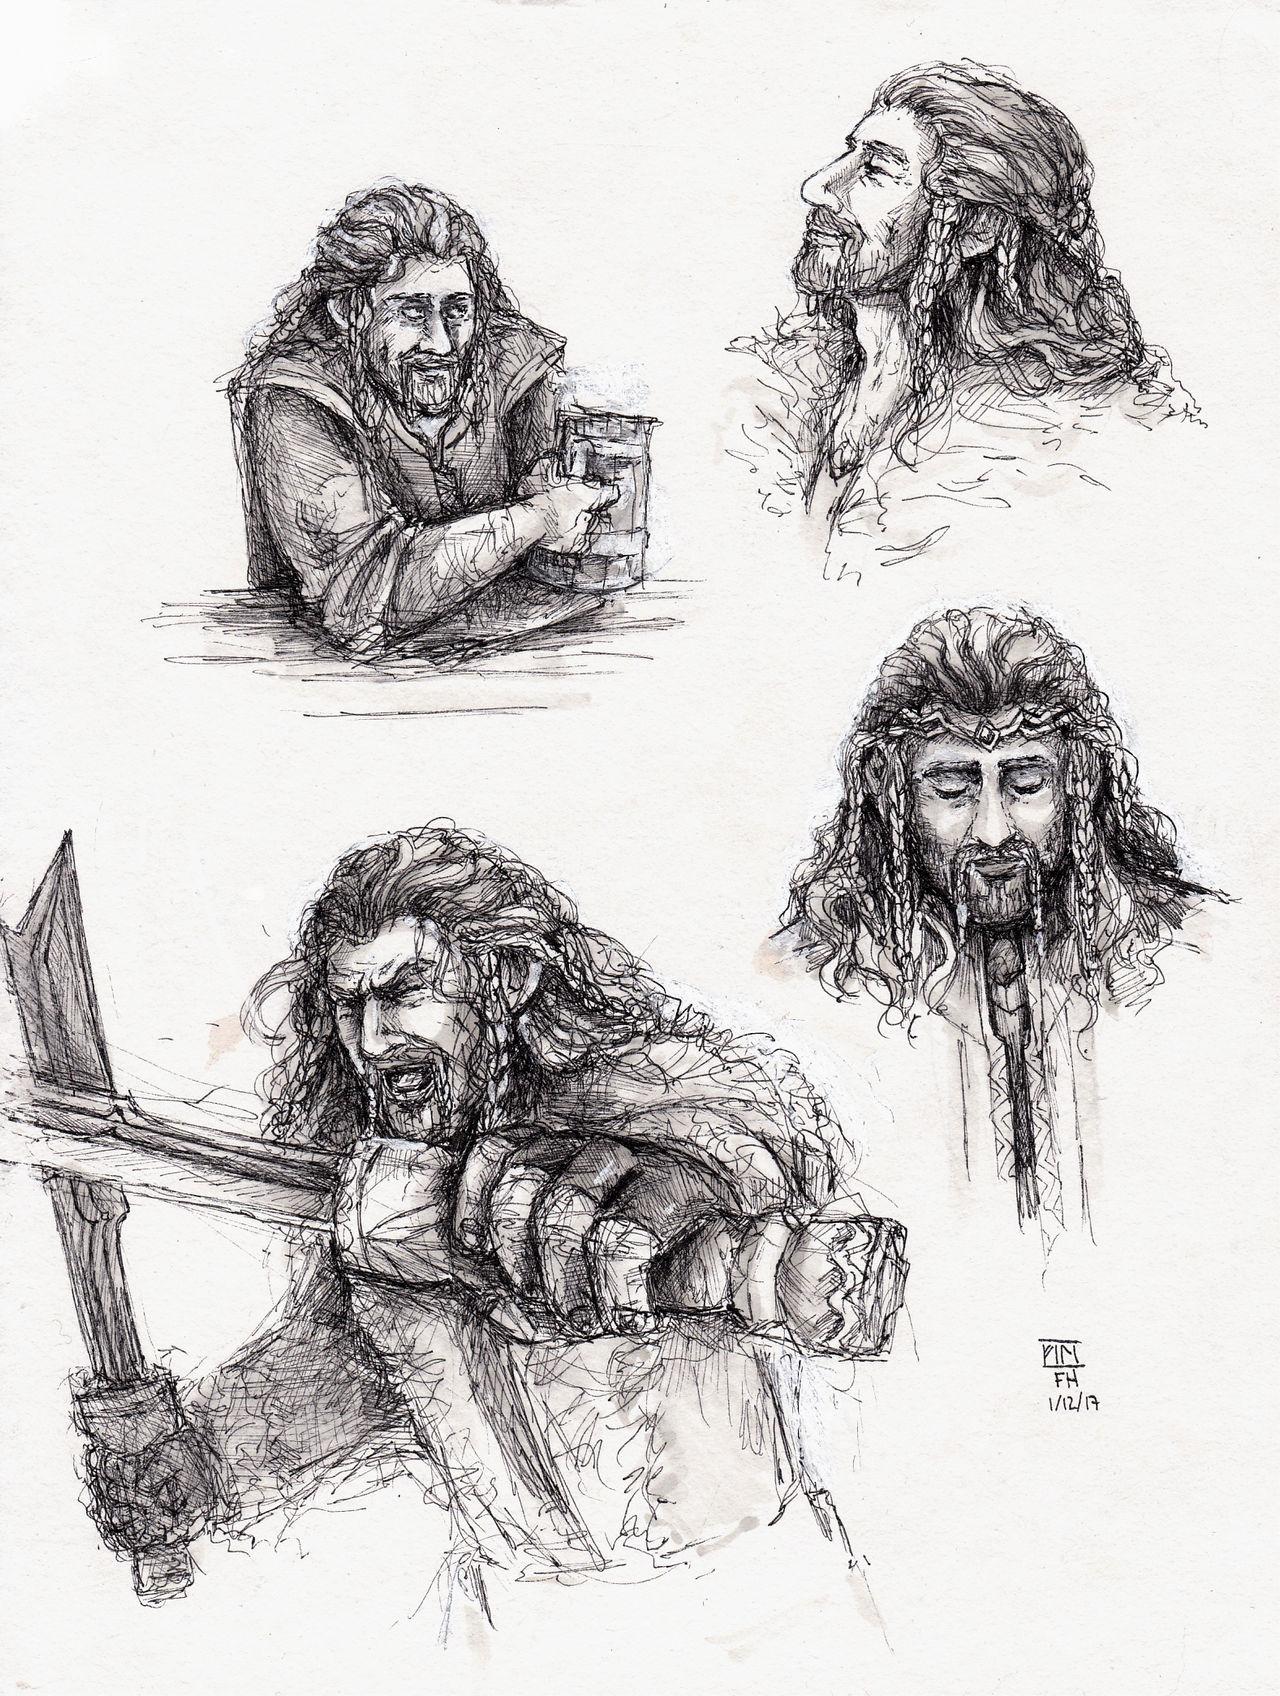 Fili Sketches